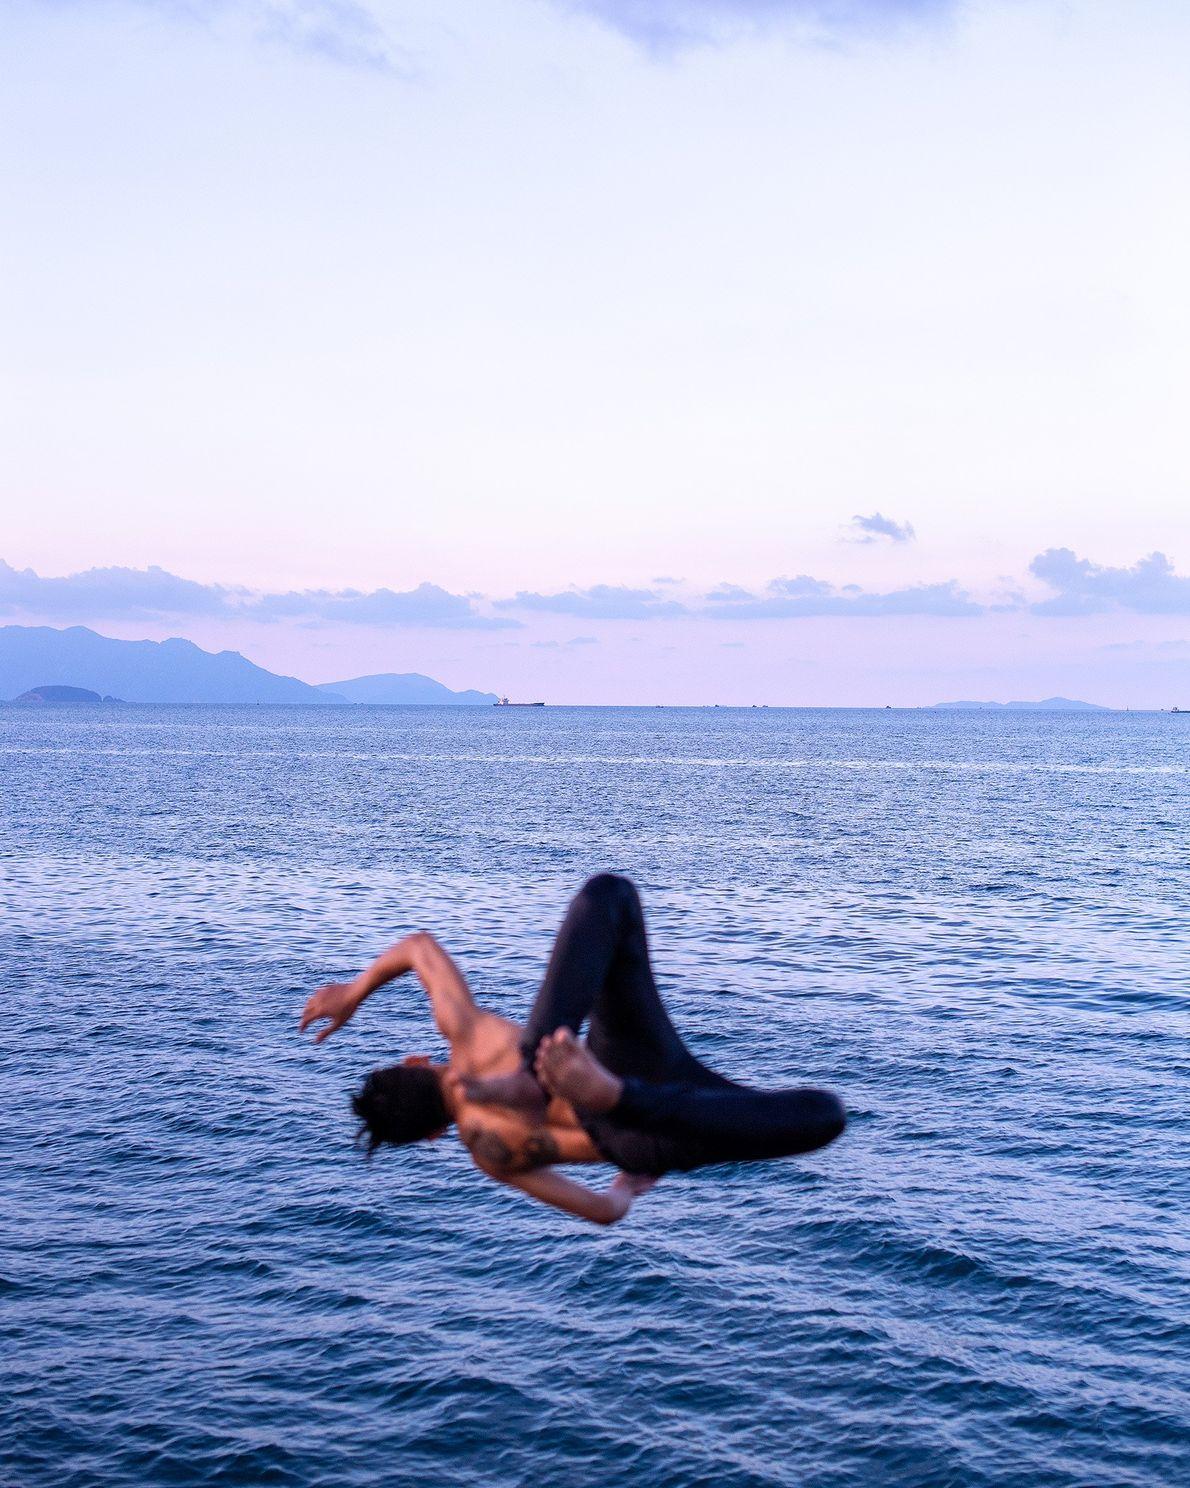 Un hombre salta al agua